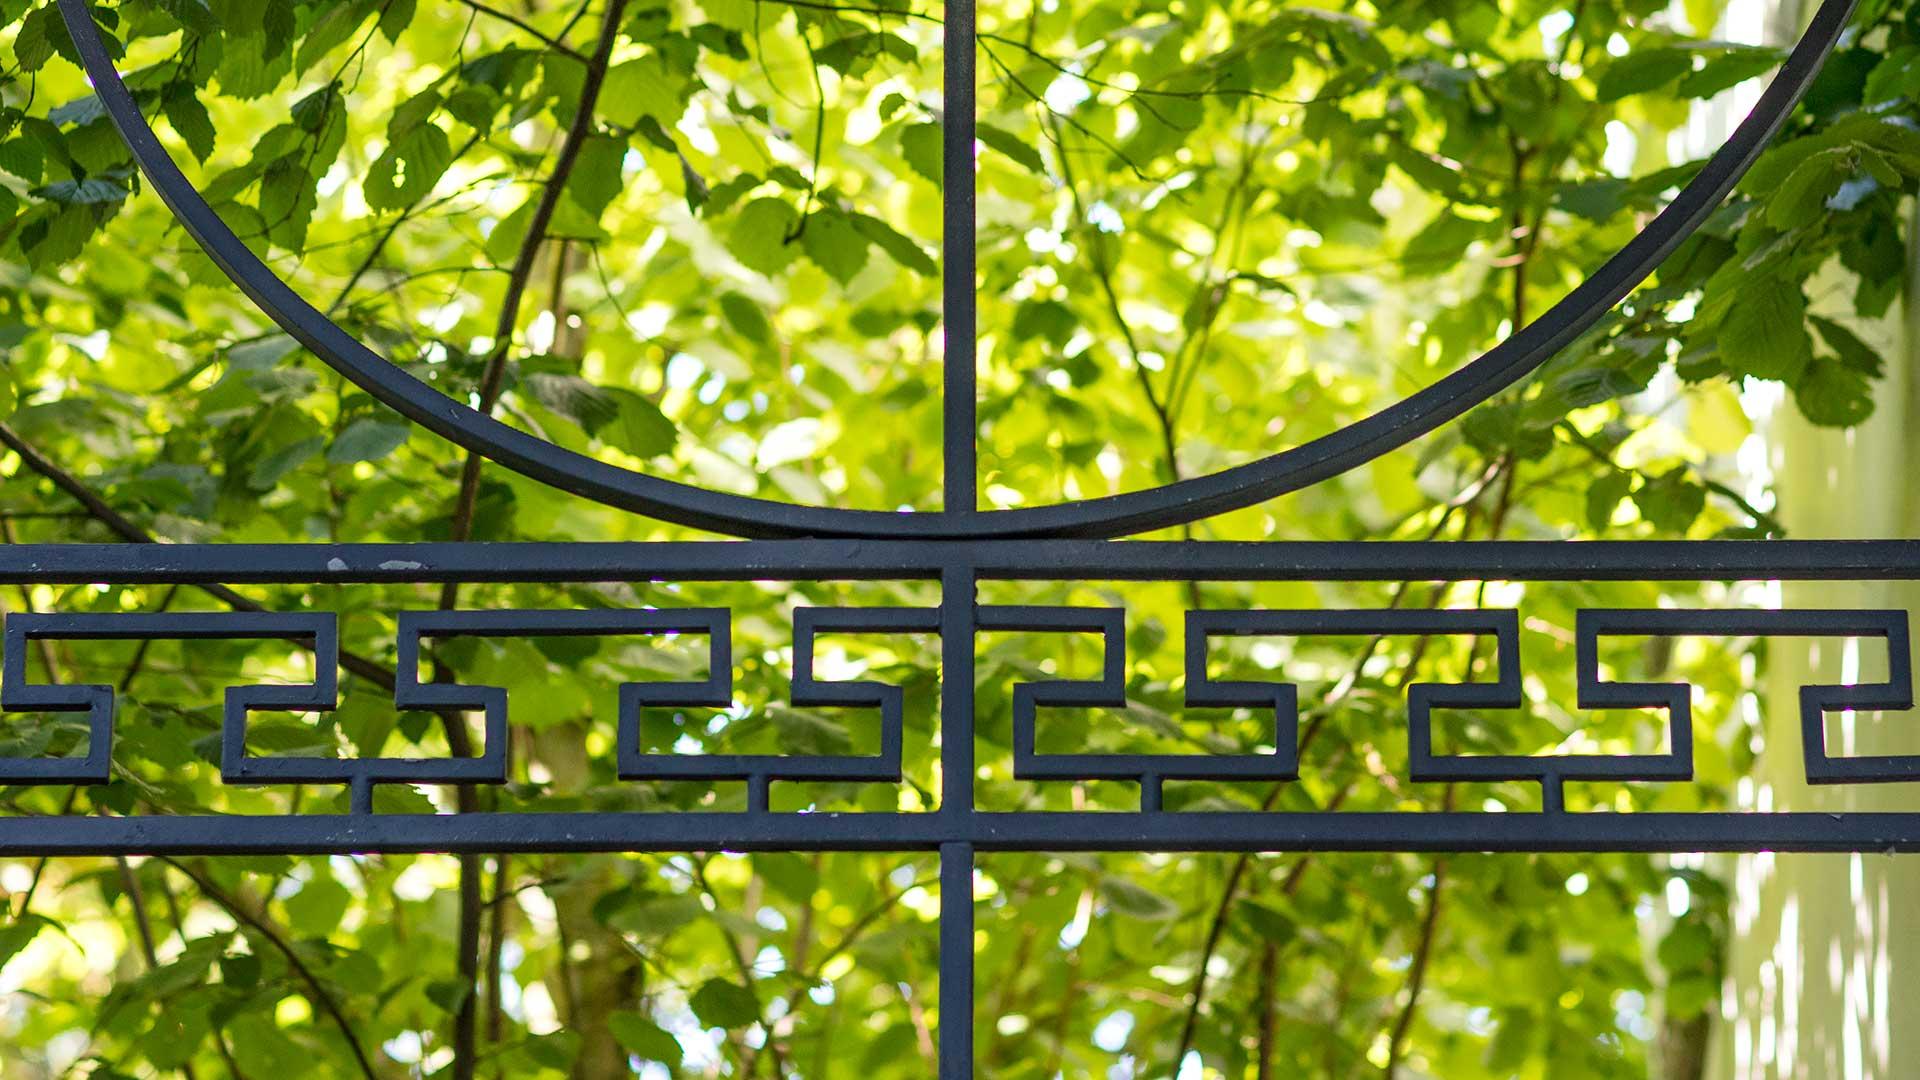 Architekturfotografie: Ornamente | Foto: Dieter Eikenberg, imprints